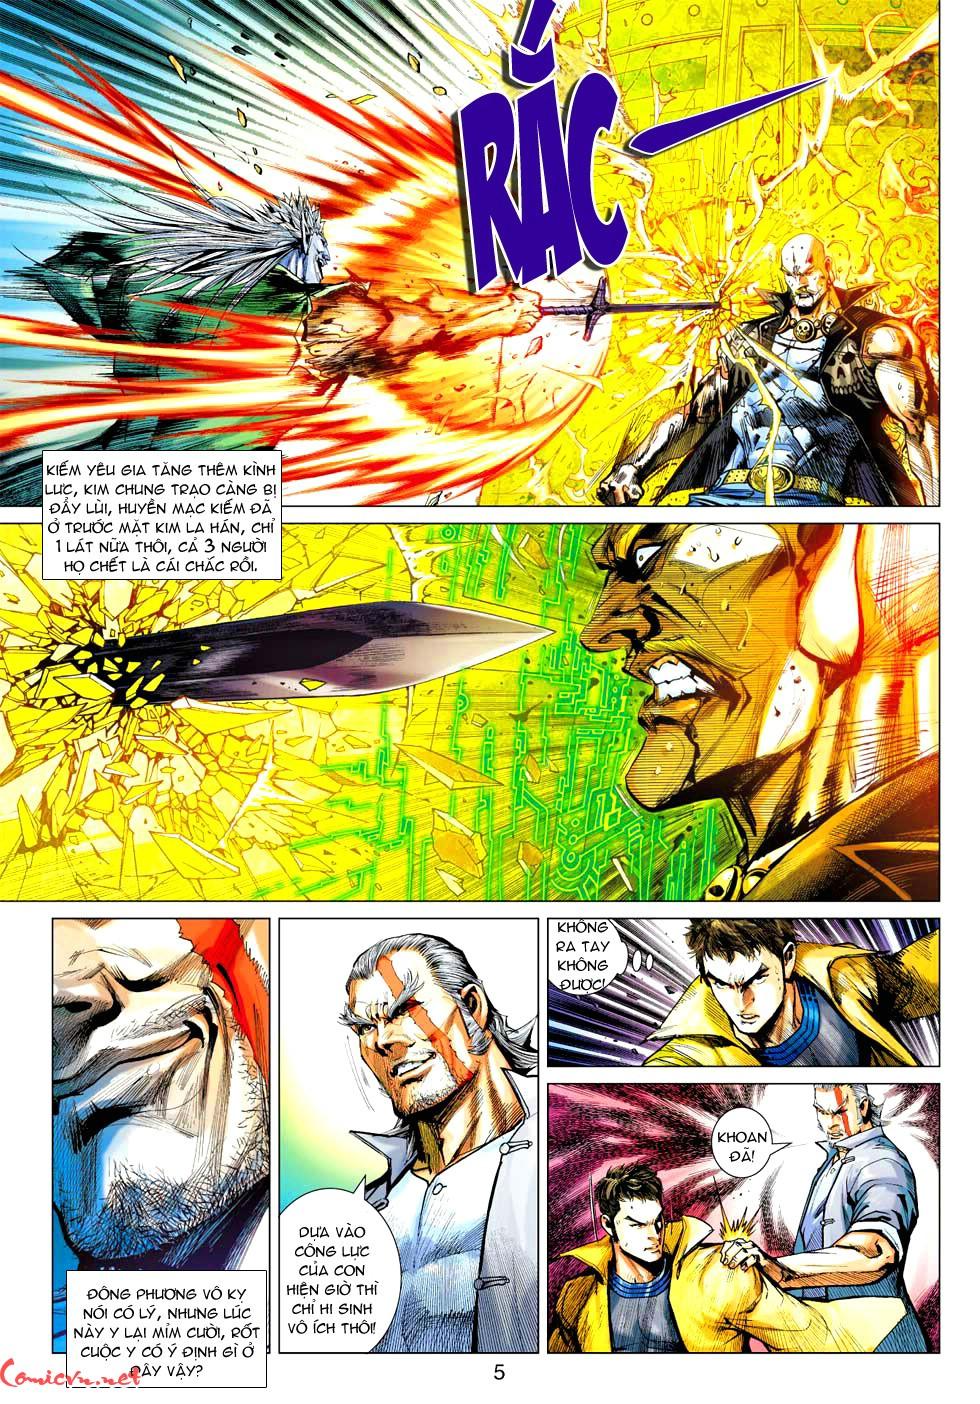 Vương Phong Lôi 1 chap 37 - Trang 25